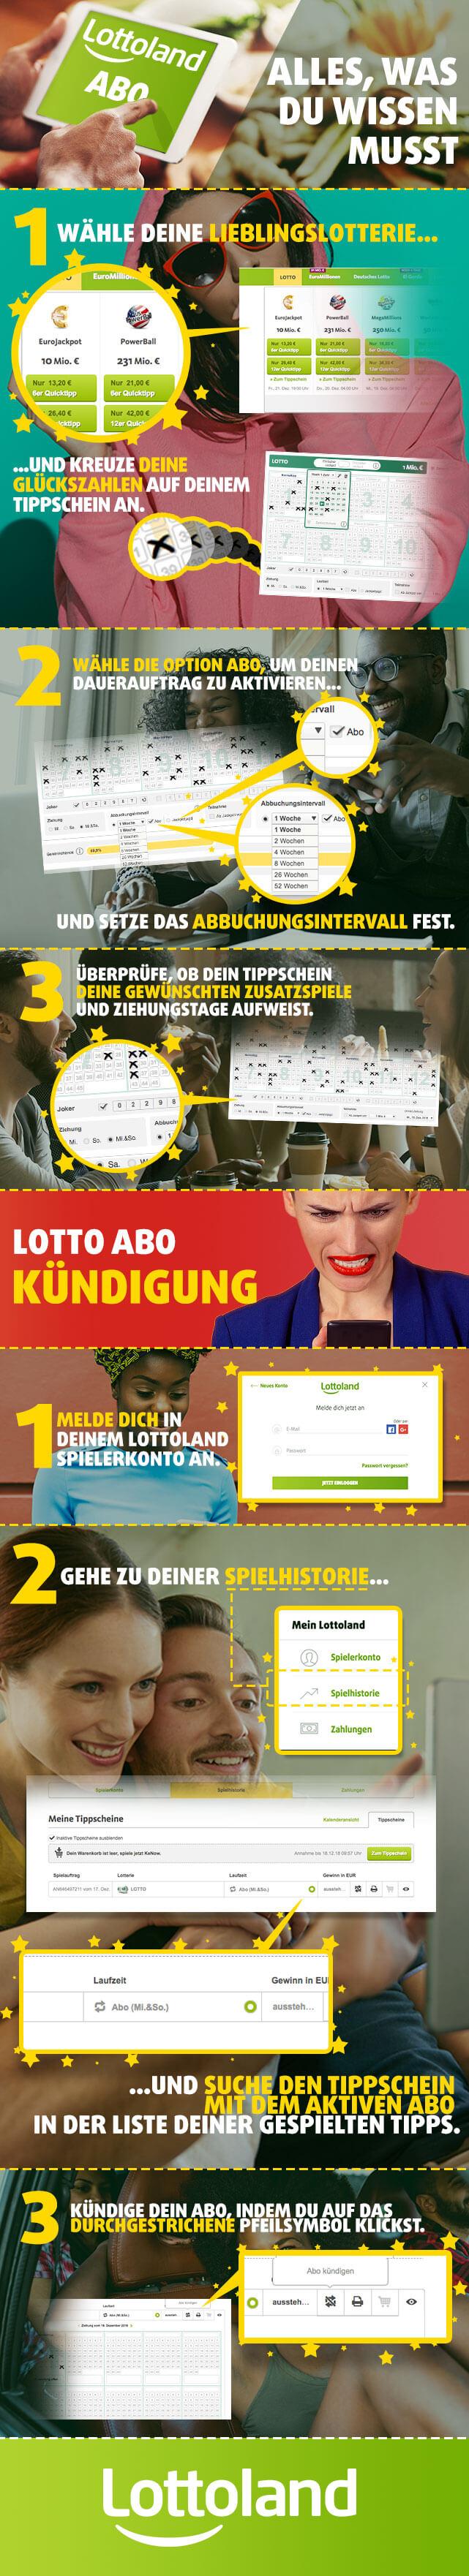 Lotto Abo - Alles, was du wissen musst